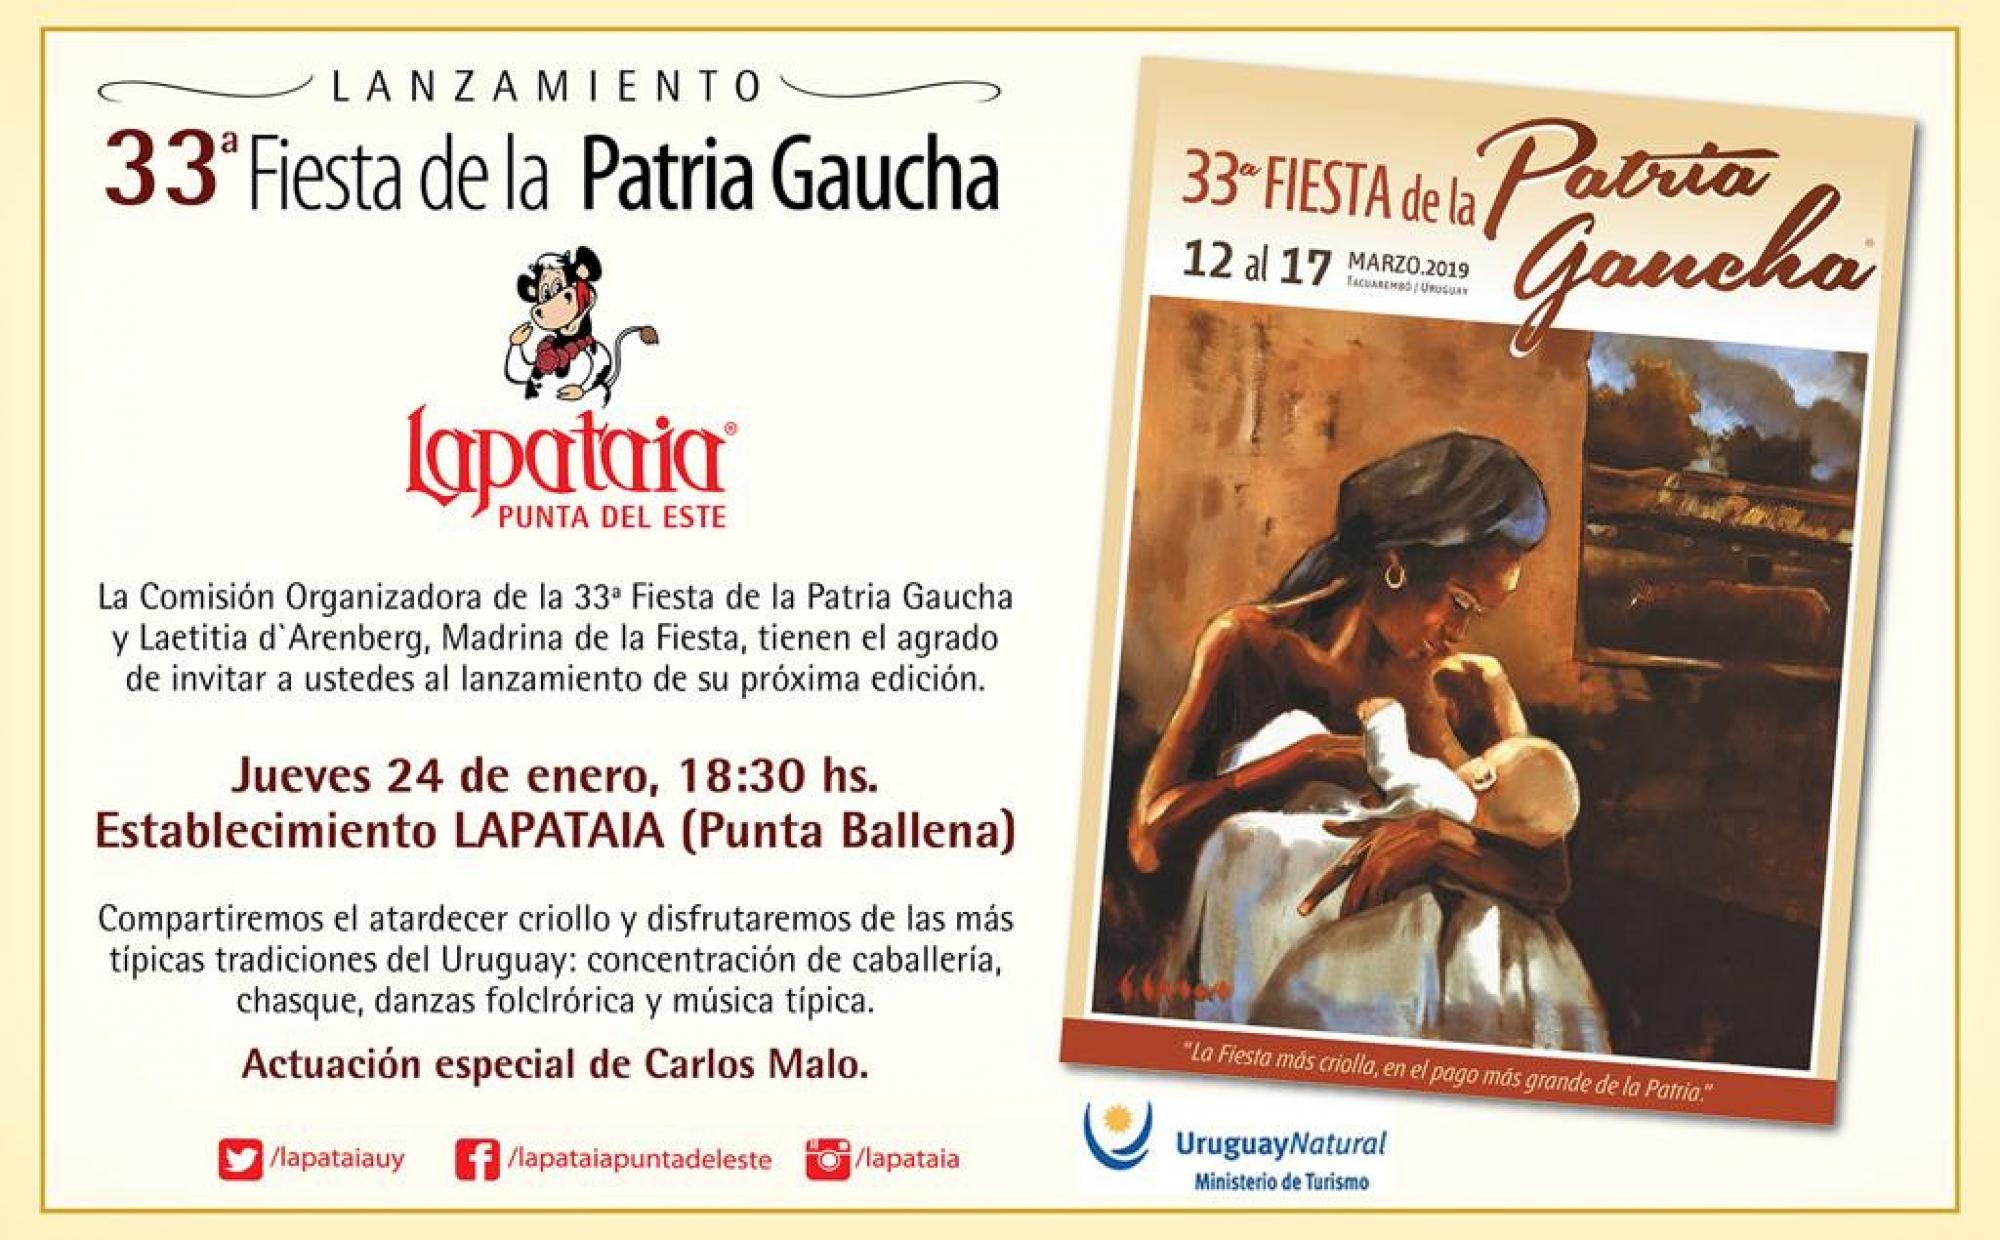 Lanzamiento de la 33a. Fiesta de la Patria Gaucha en Lapataia